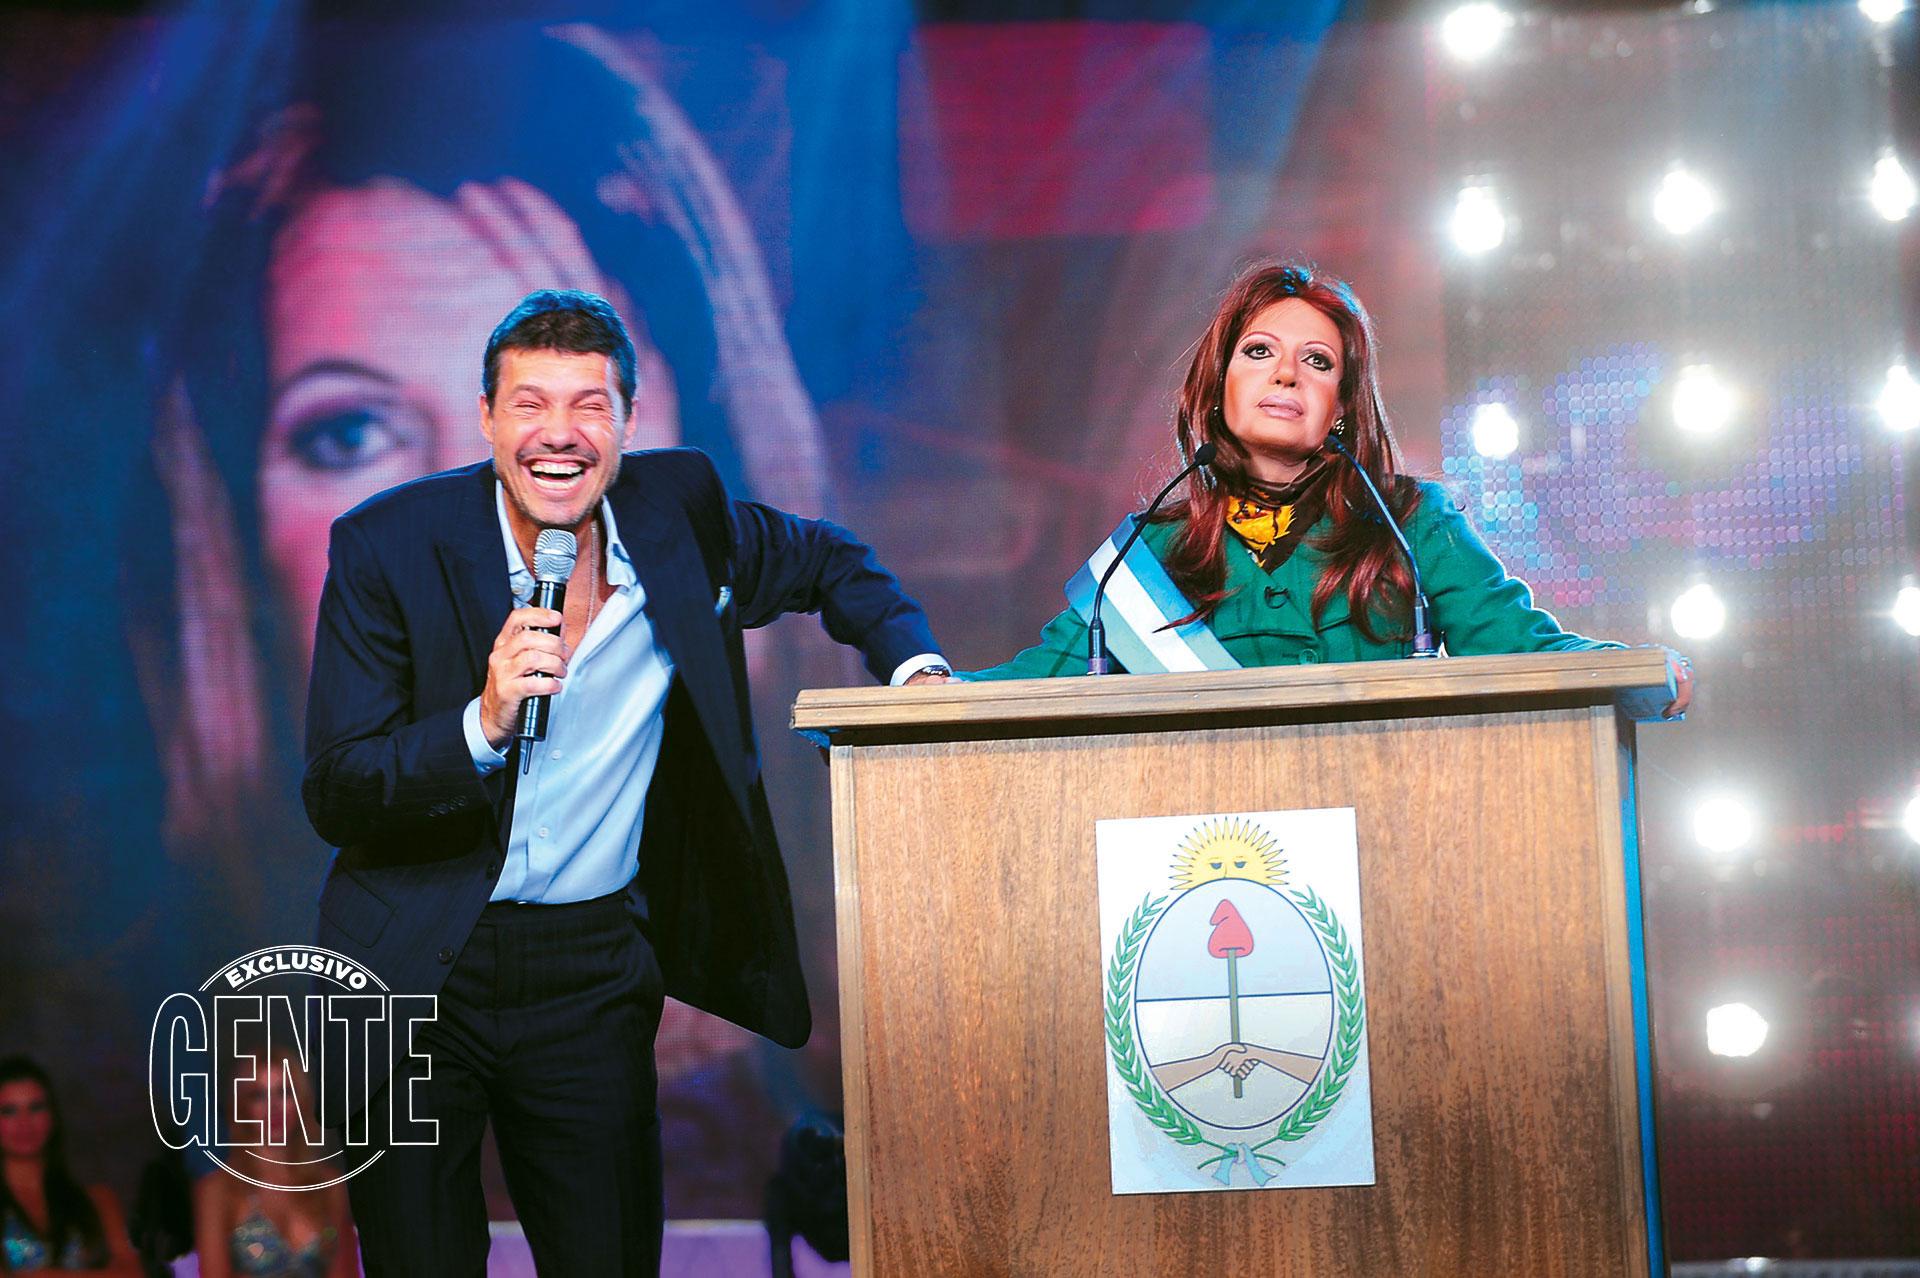 En 2001 estrenó el reality paródico Gran Cuñado, por donde circularon, siguiendo el estilo intimista de la casa del Gran Hermano, los distintos políticos del momento. Entre ellos Cristina Fernández de Kirchner.